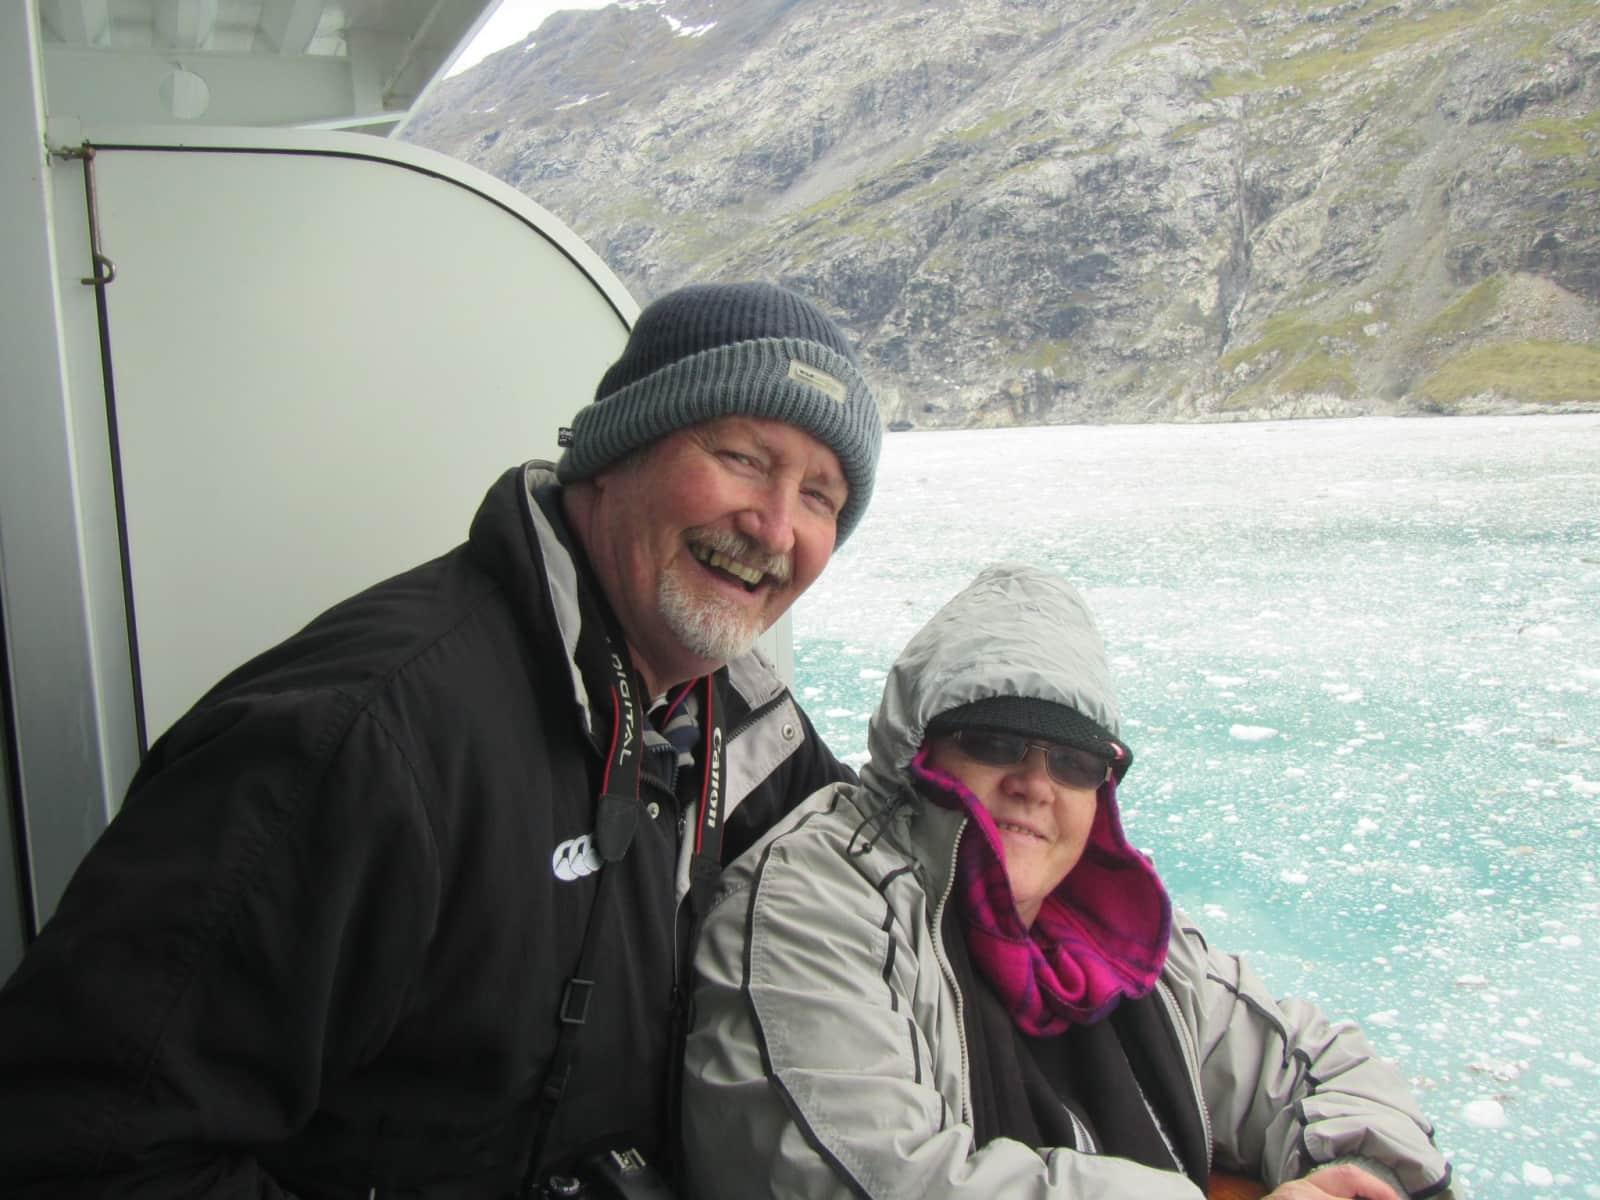 Alison & Greg from Brisbane, Queensland, Australia